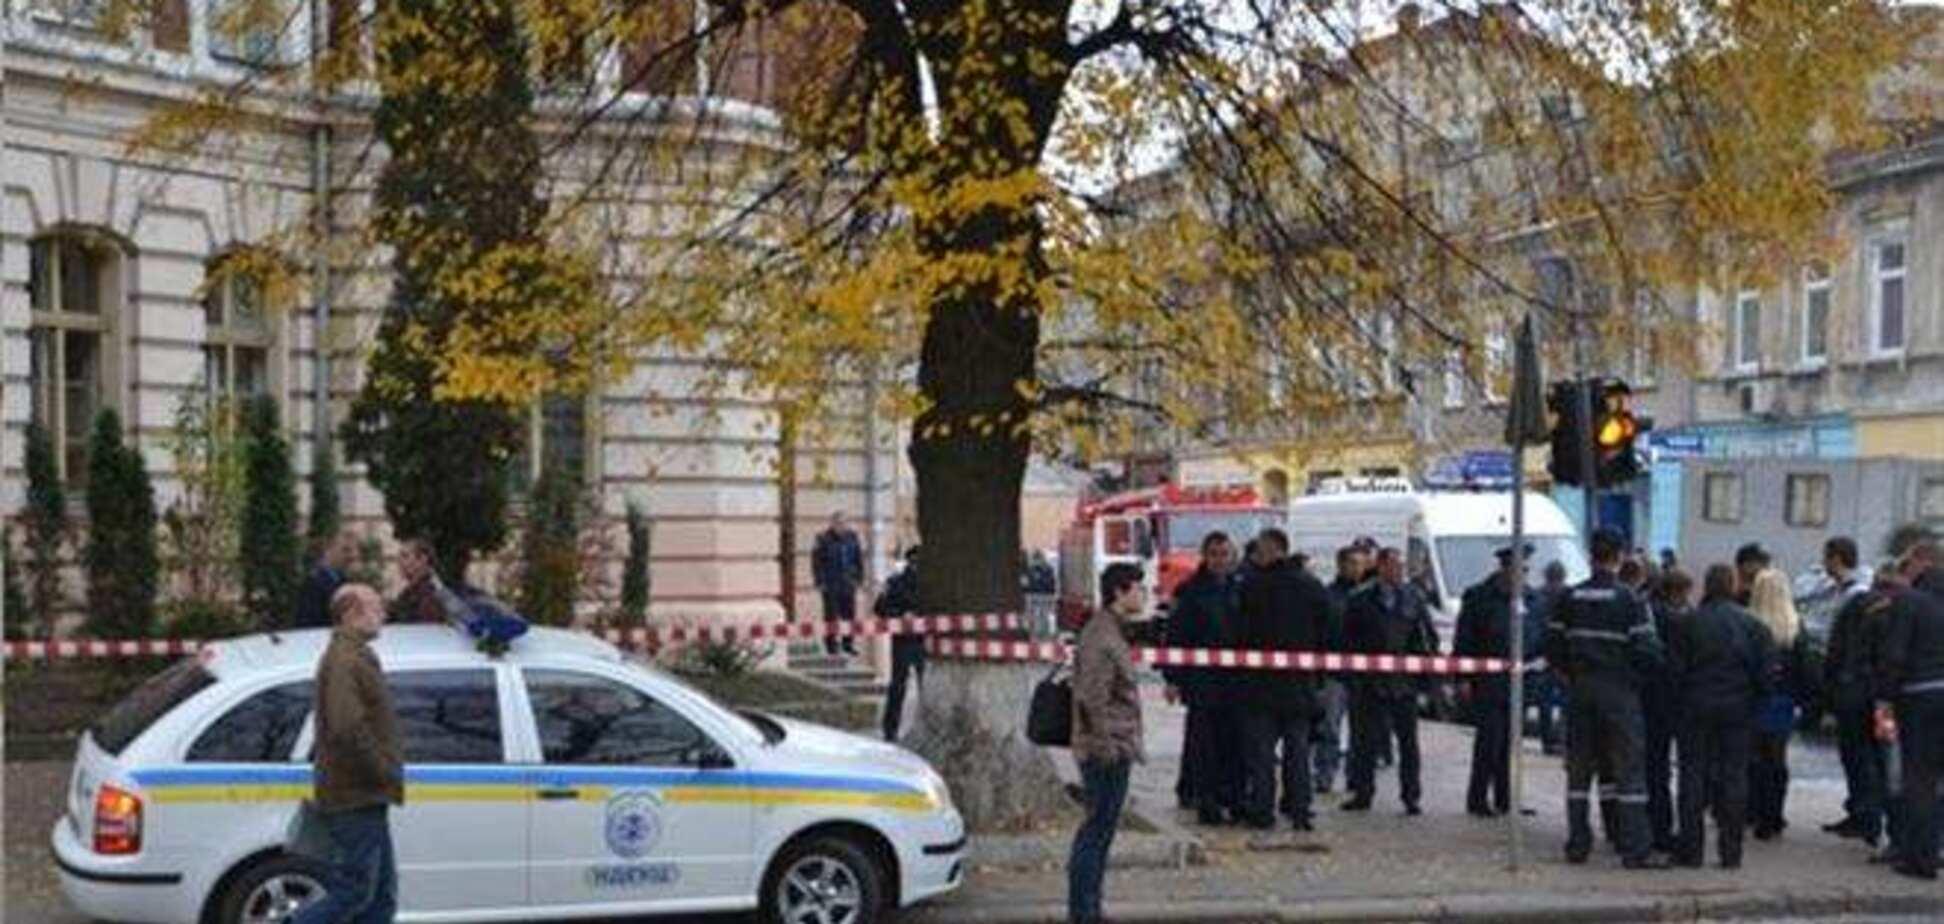 Во львовской школе бомбу не нашли